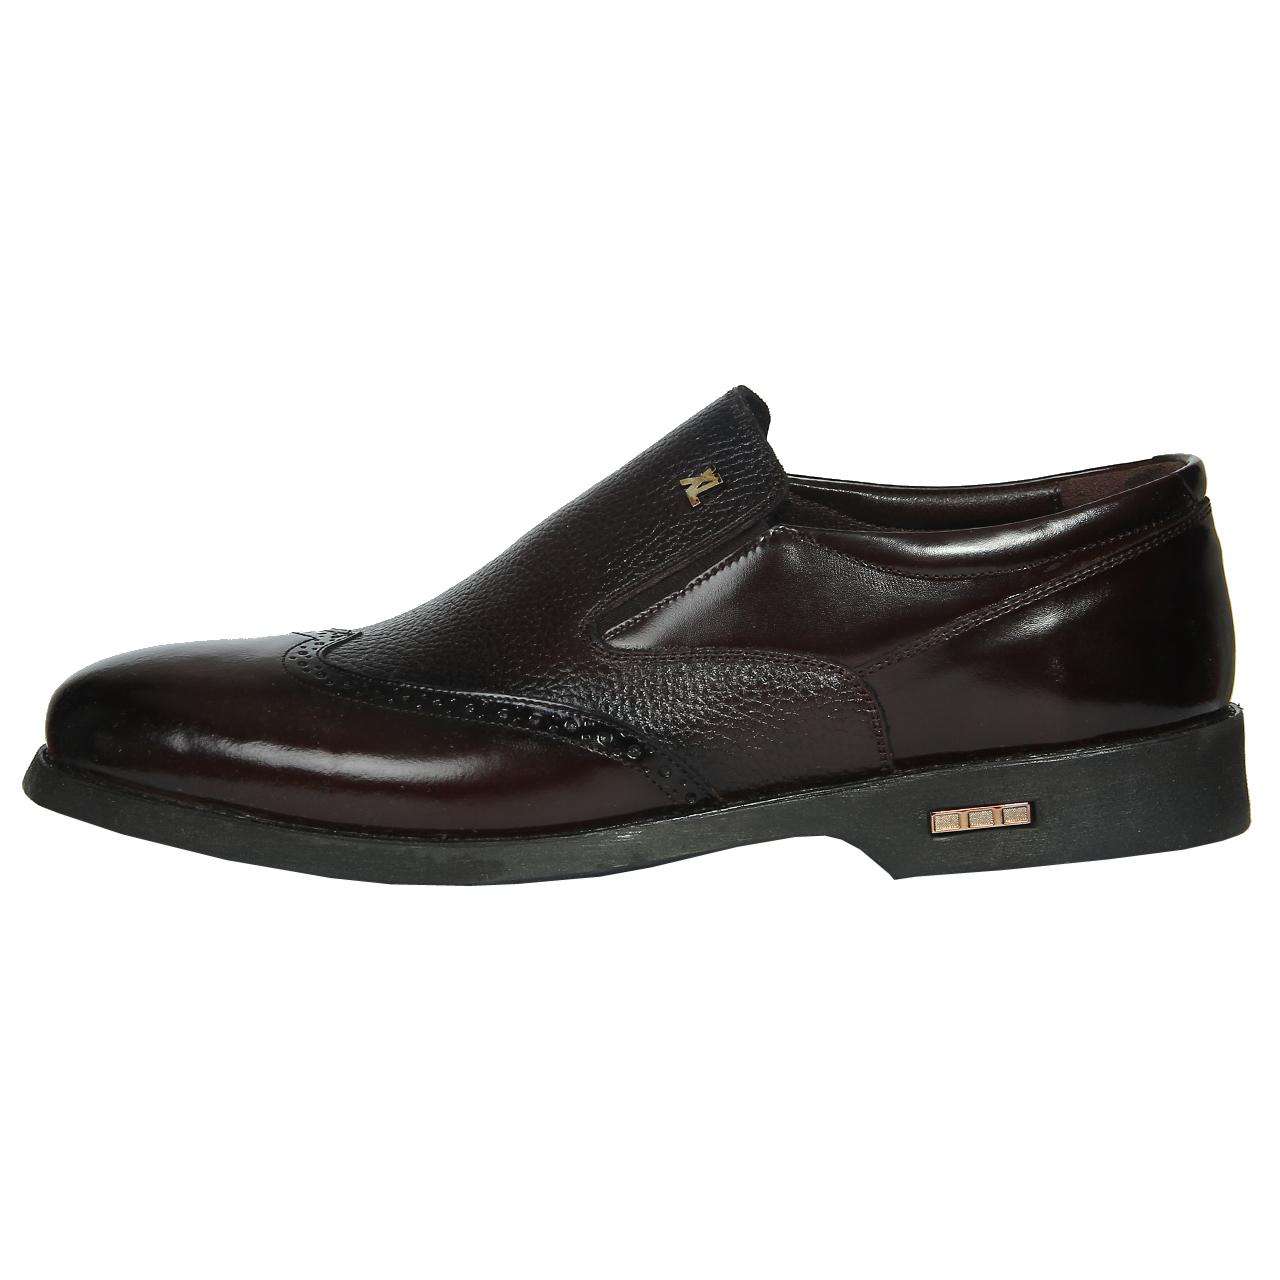 کفش مردانه گالا کد 2034